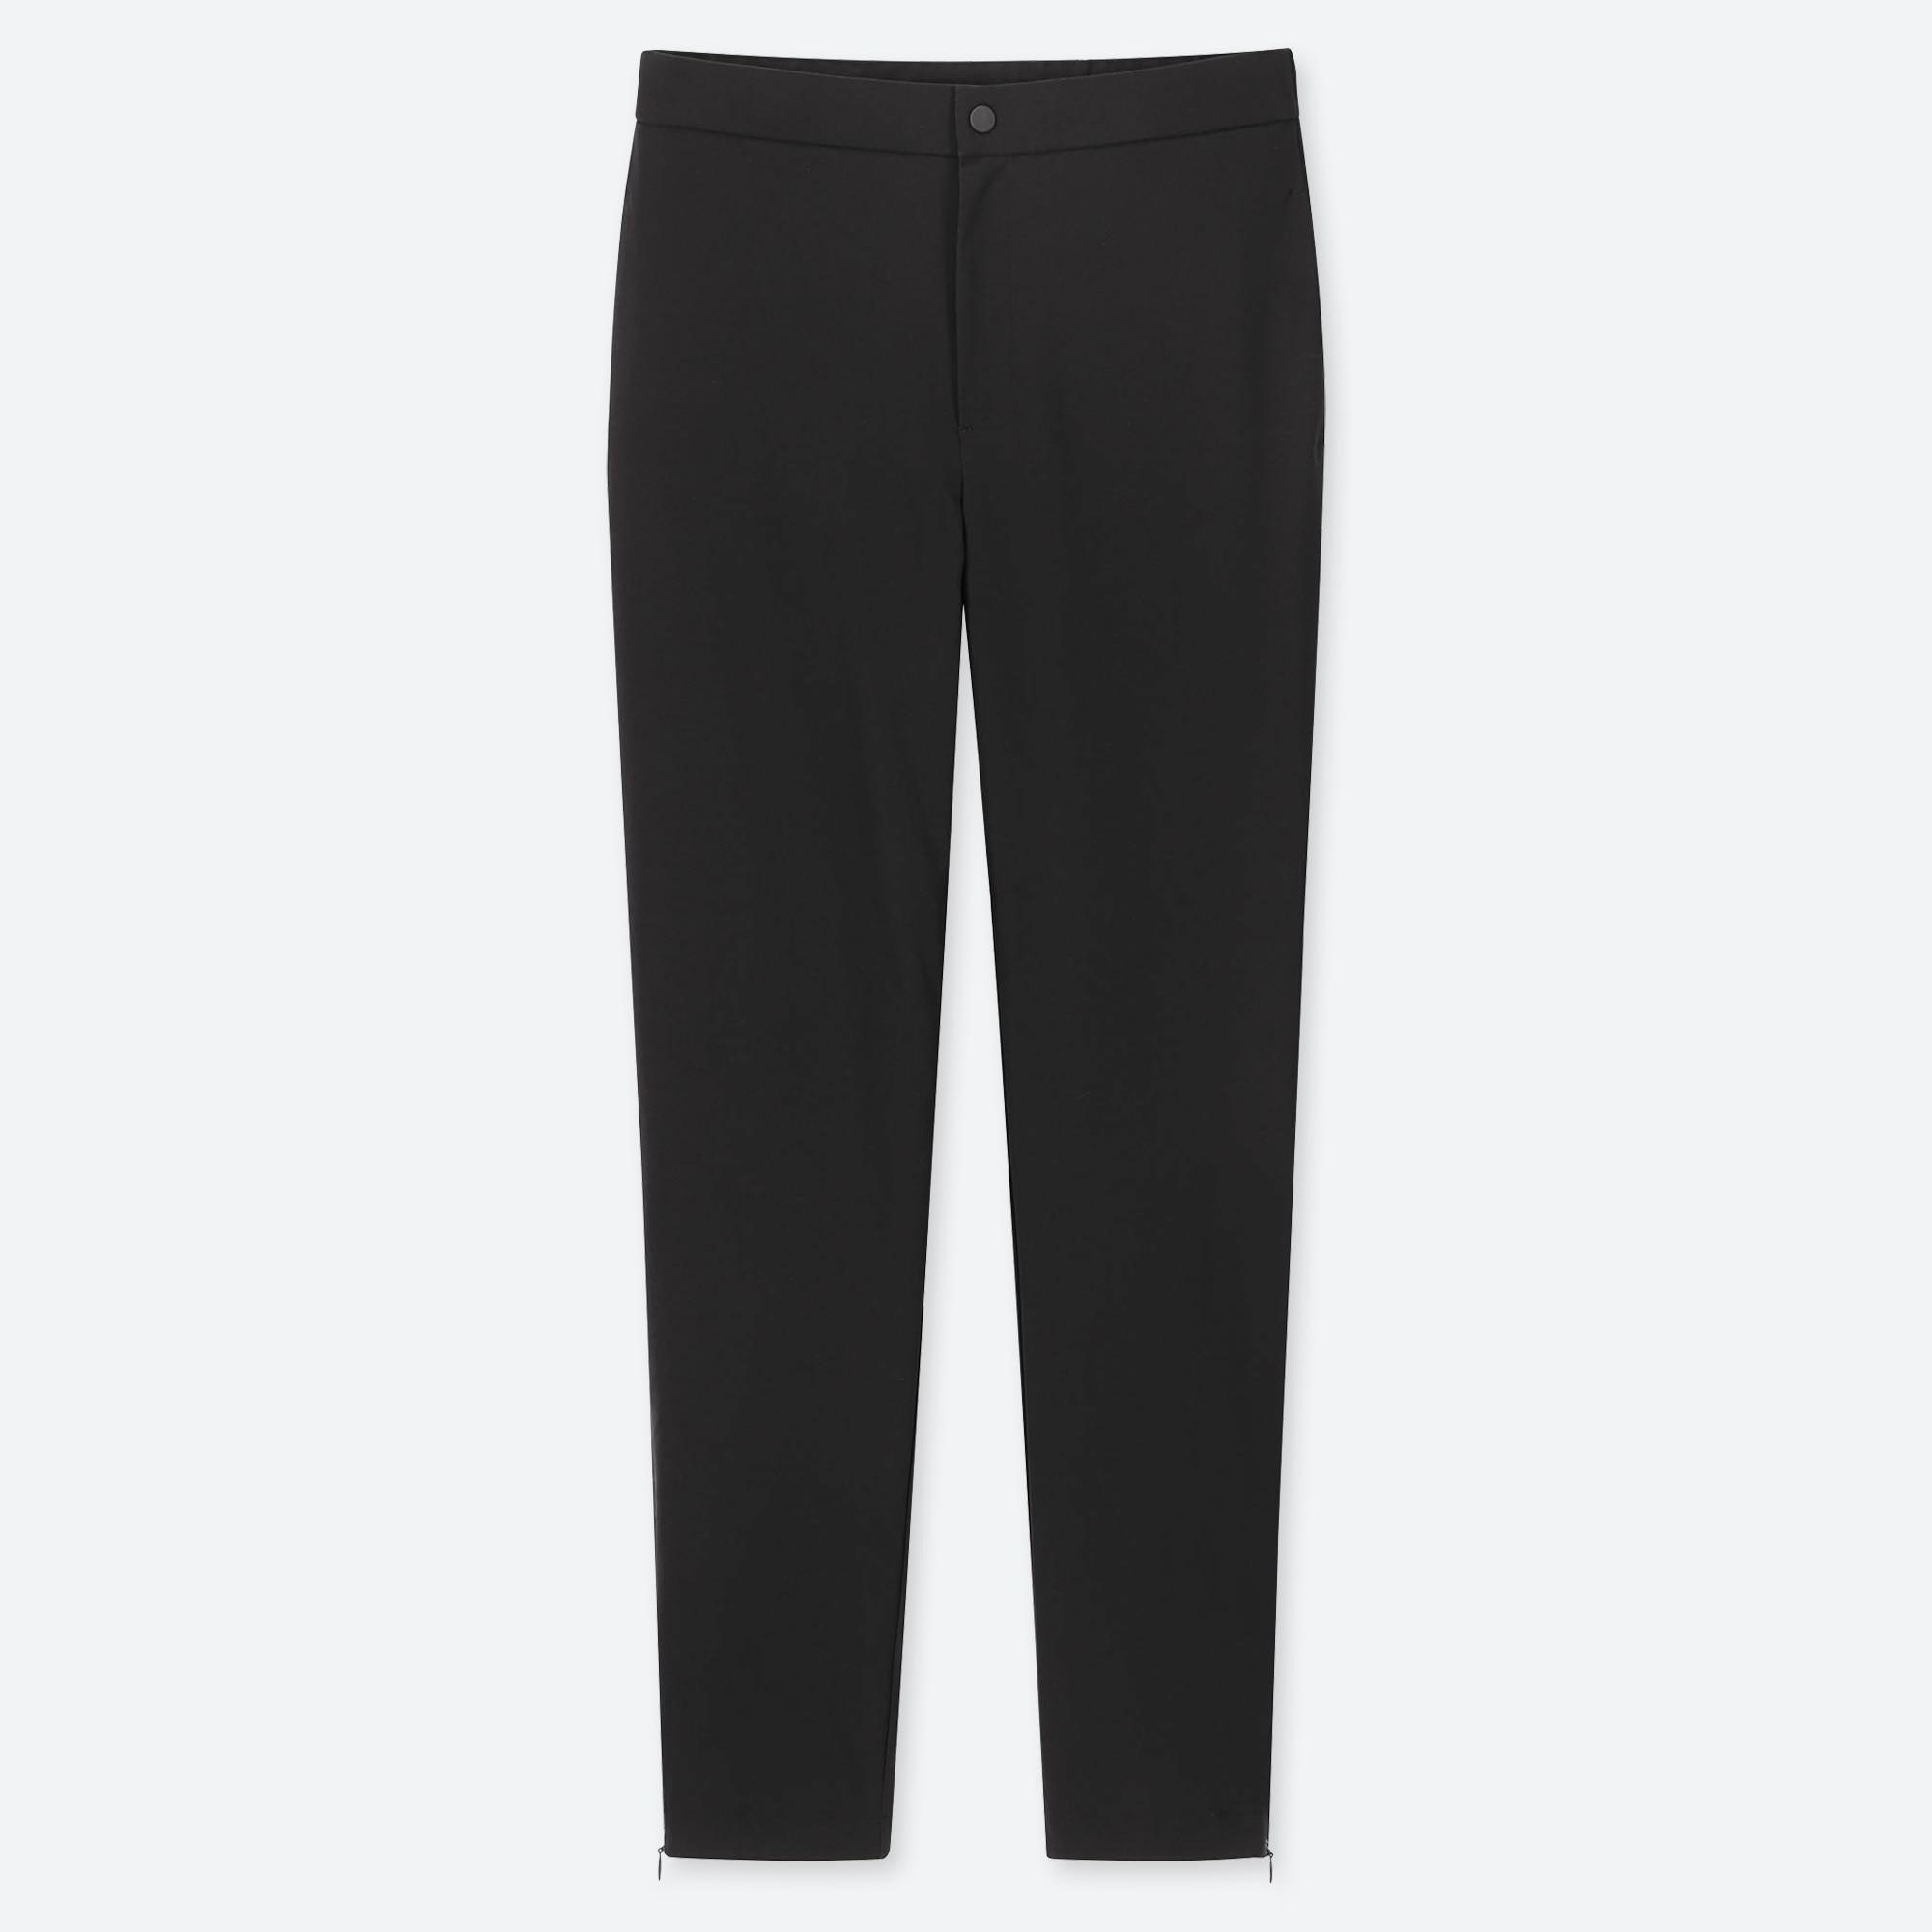 WOMEN HEATTECH WARM-LINED PANTS